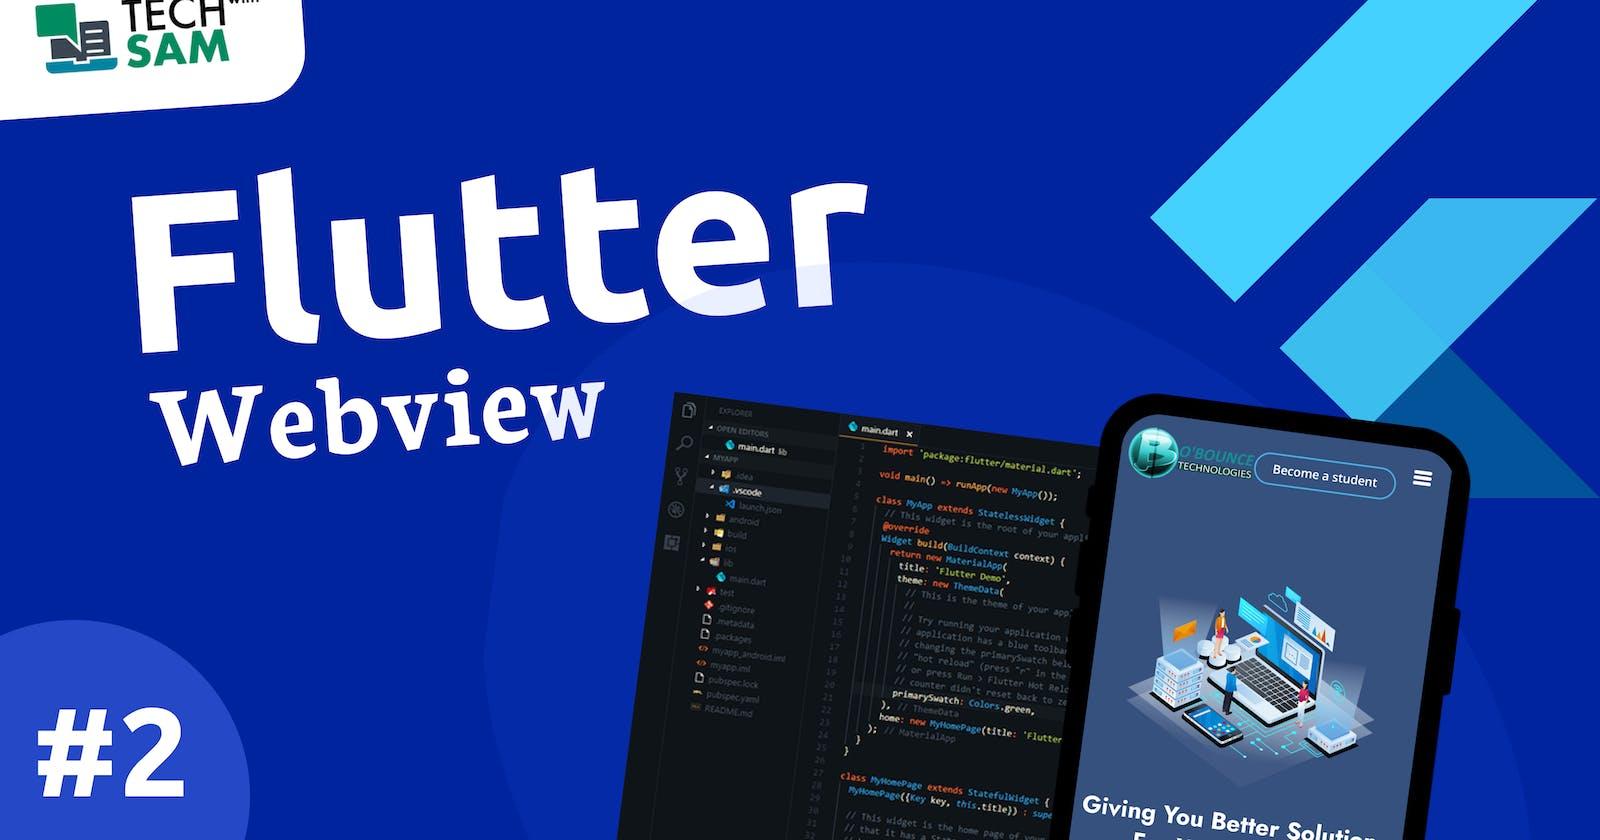 FLUTTER WEBVIEW TUTORIAL #2 - Convert a website to an app using flutter.